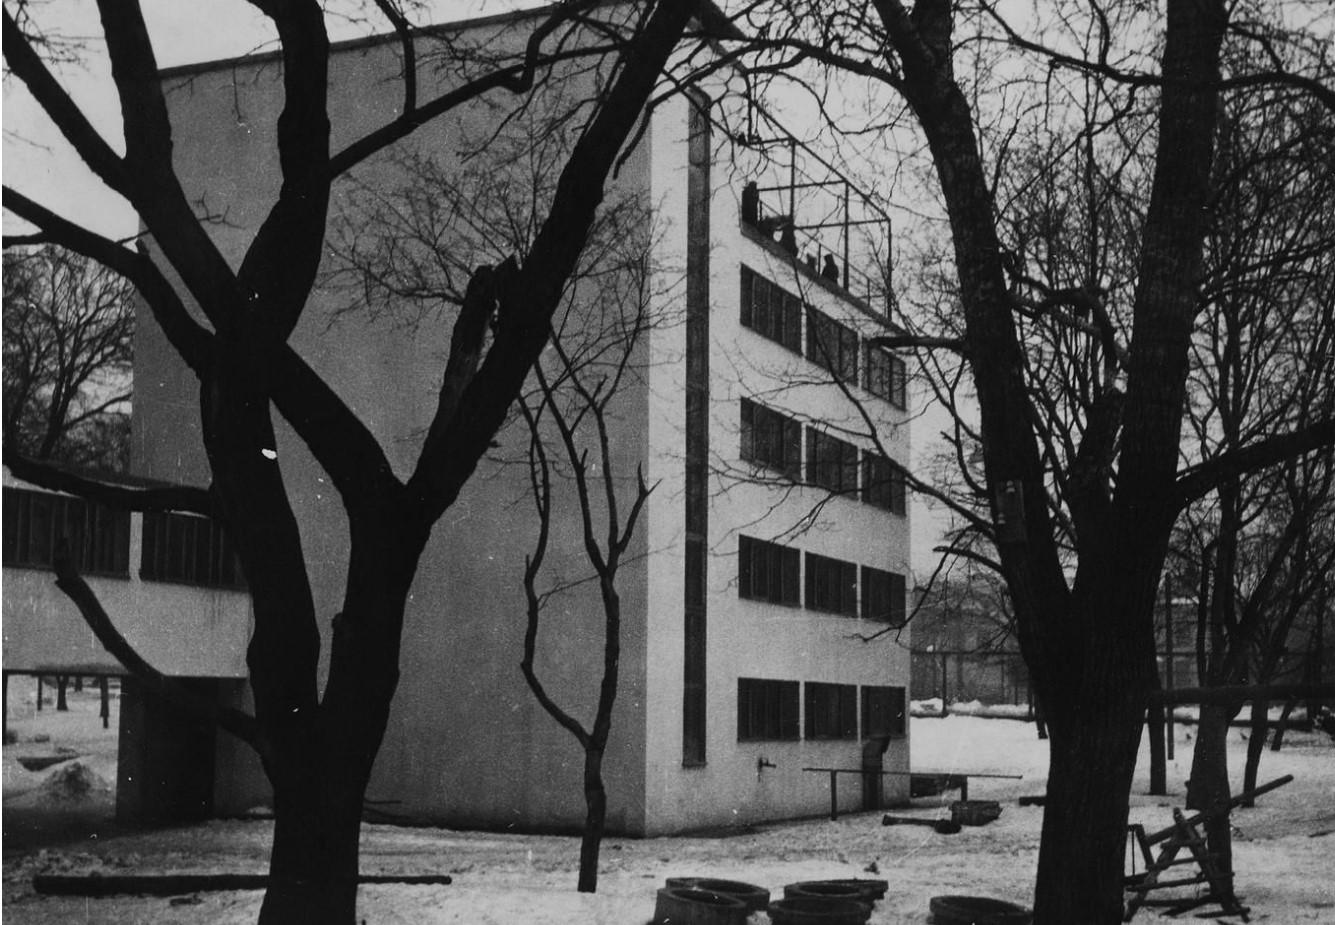 Ансамбль экспериментального жилого дома Наркомфина с коммунальными зданиями